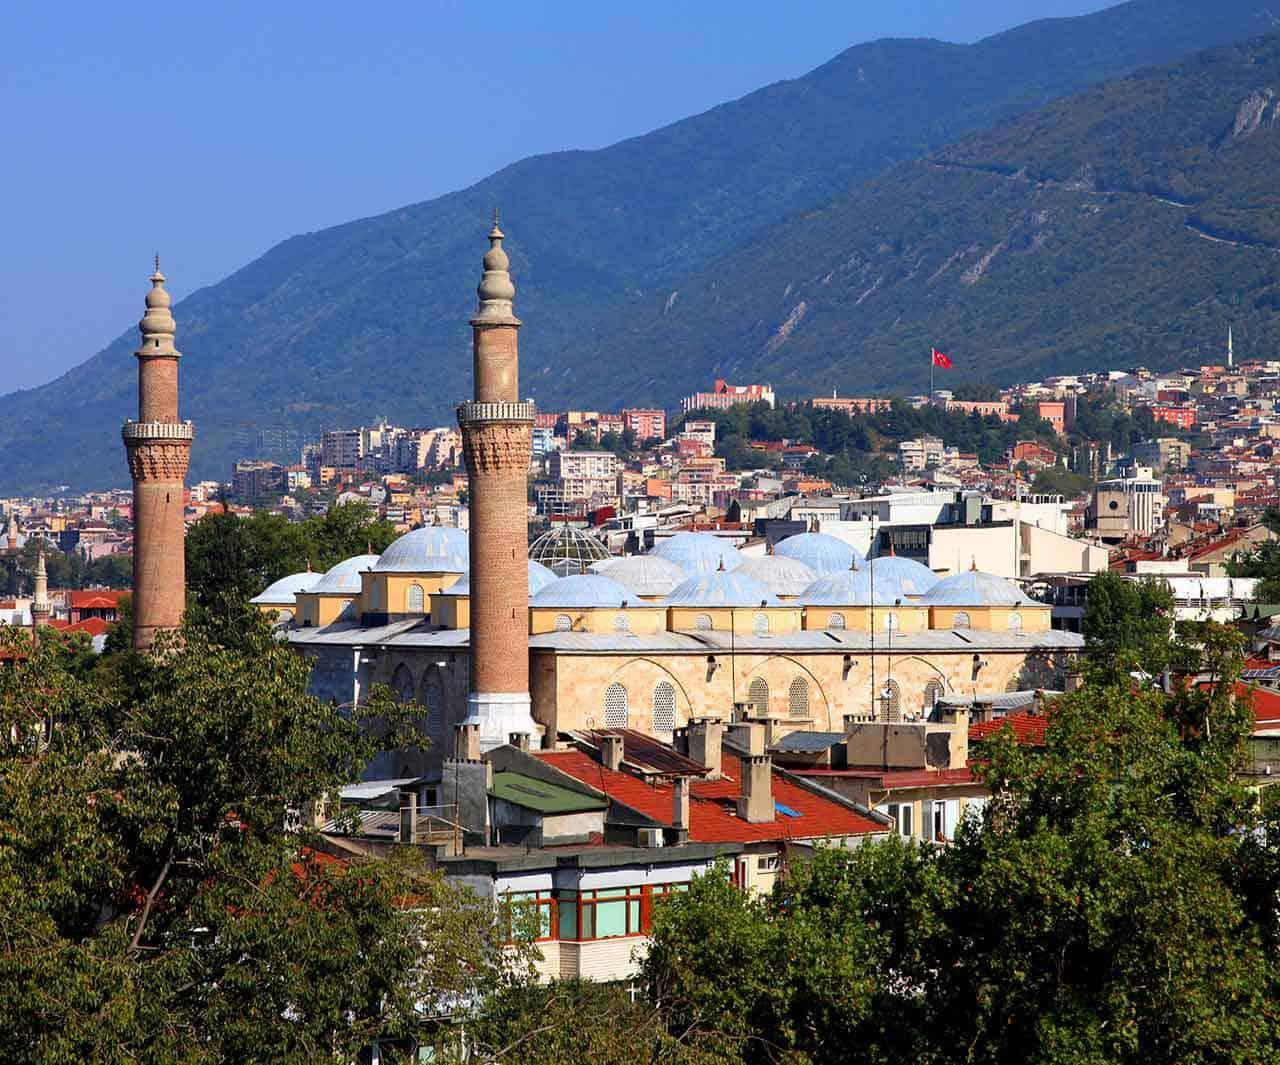 زيارة لمدينة بورصة التركية ،معلومات